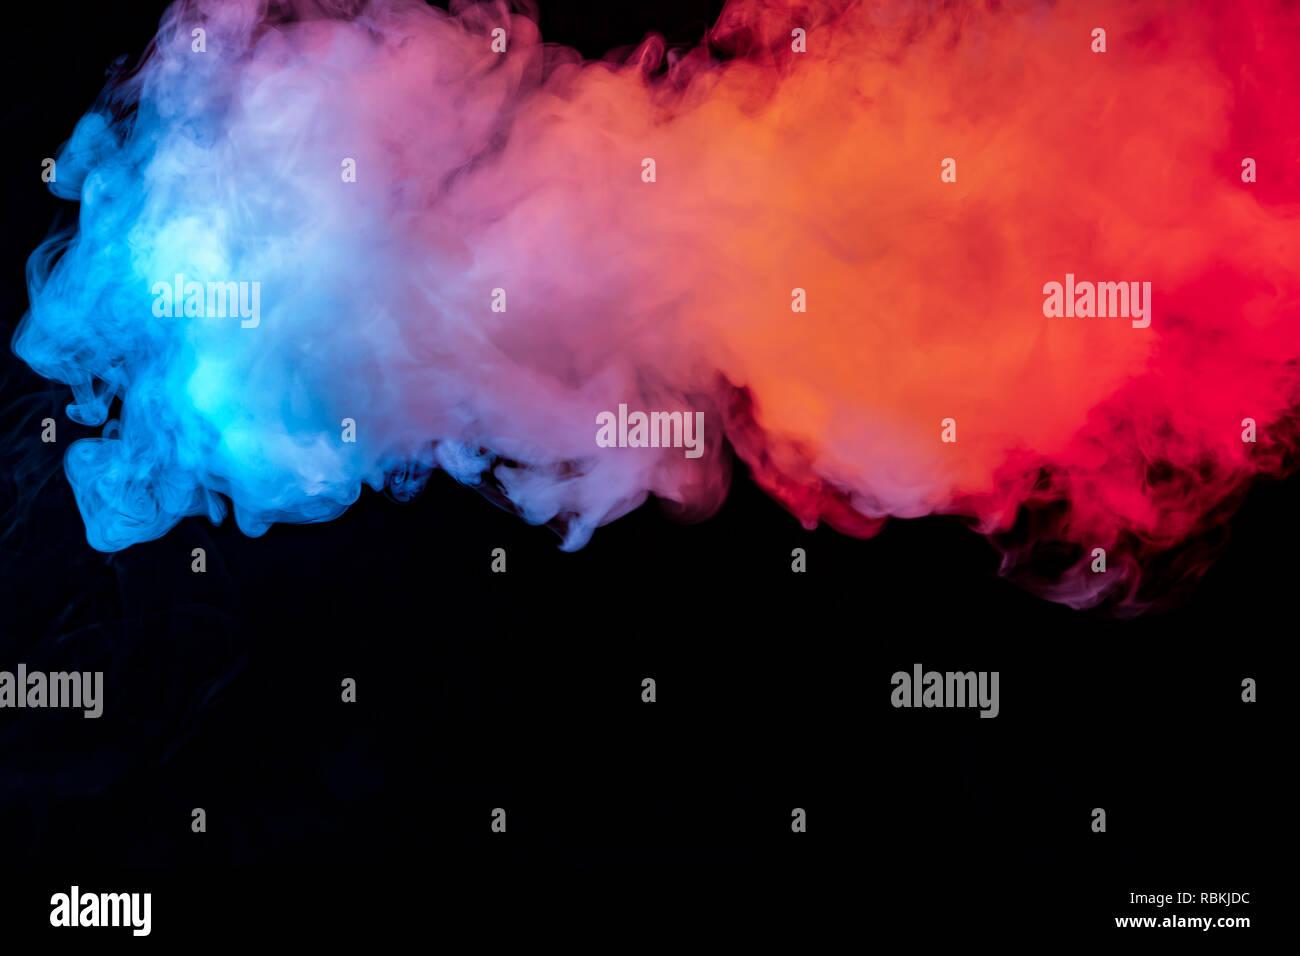 La Bellissima Combinazione Di Colori Di Blu Arancione Viola E